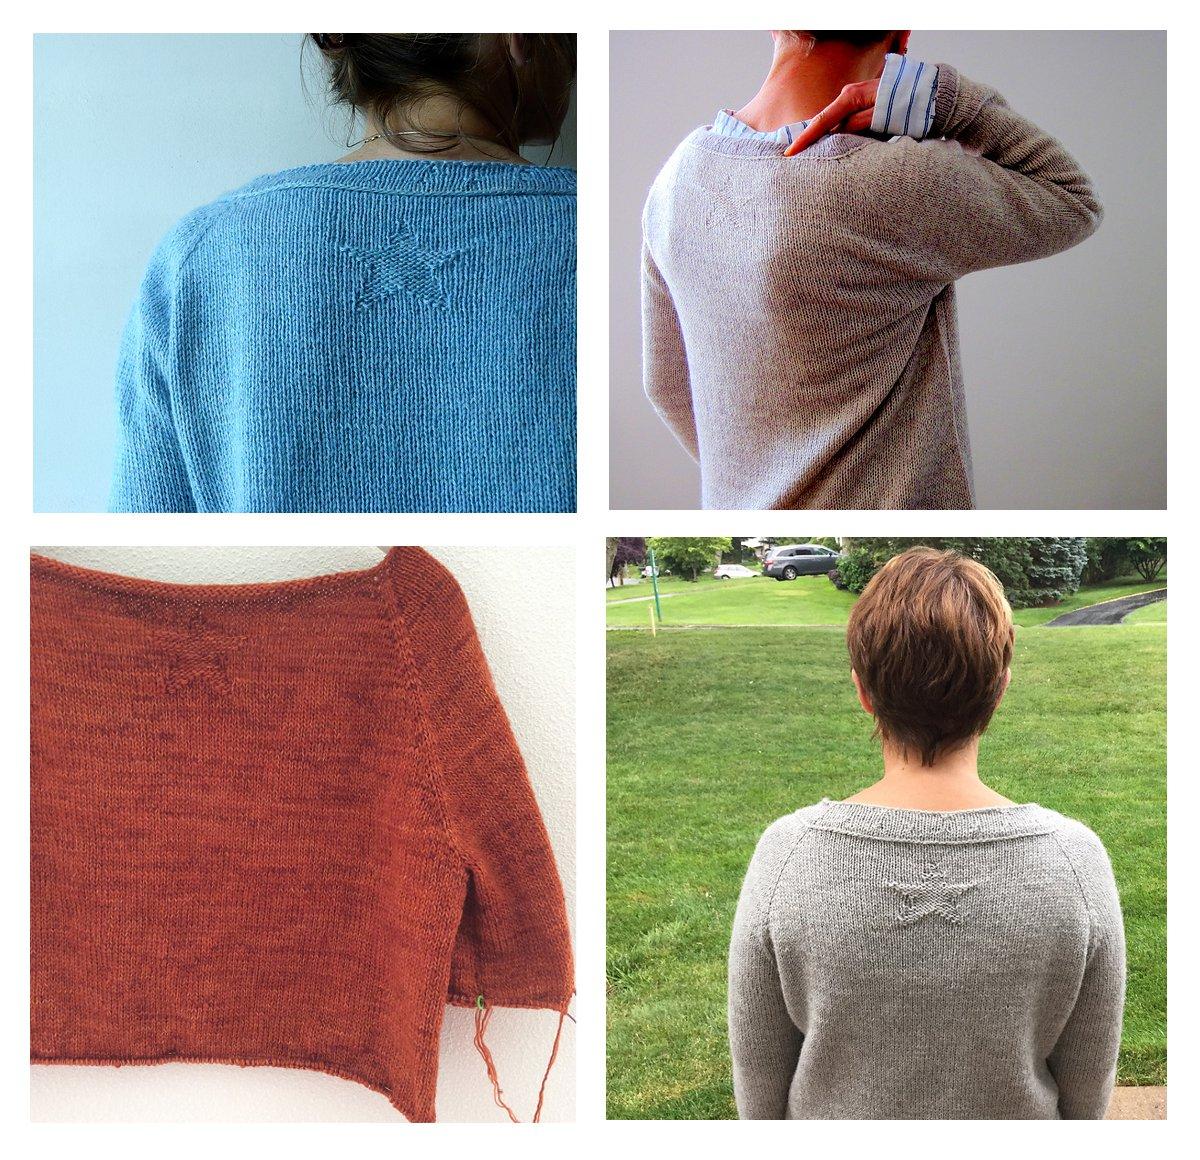 Мастер класс по вязанию свитера с регланом 236